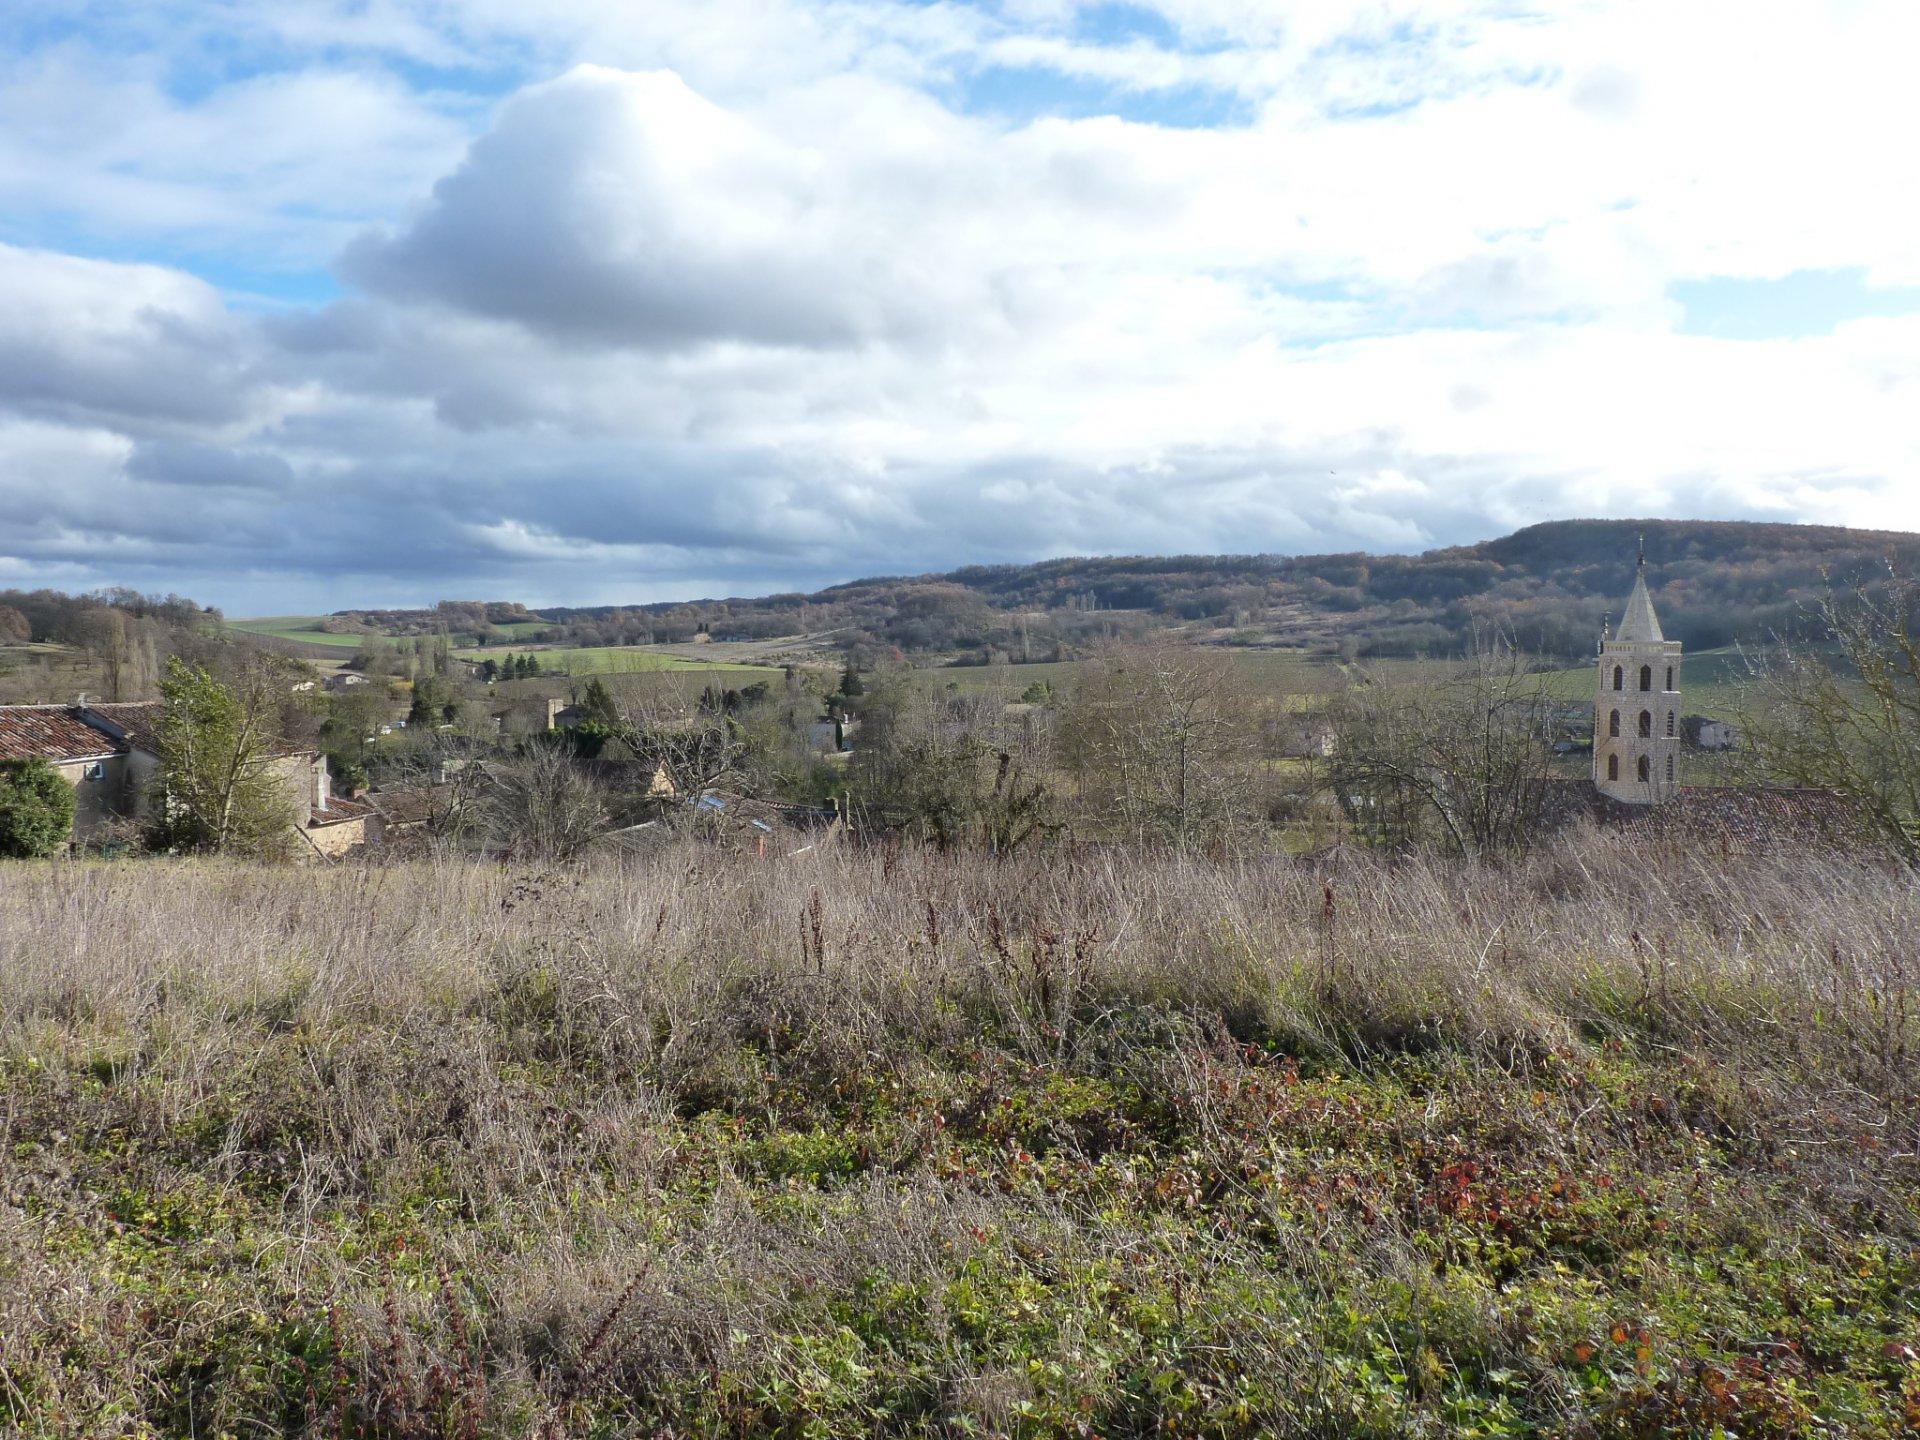 Vente Terrain Saint-Élix-Séglan Saint-Élix-Séglan 31420